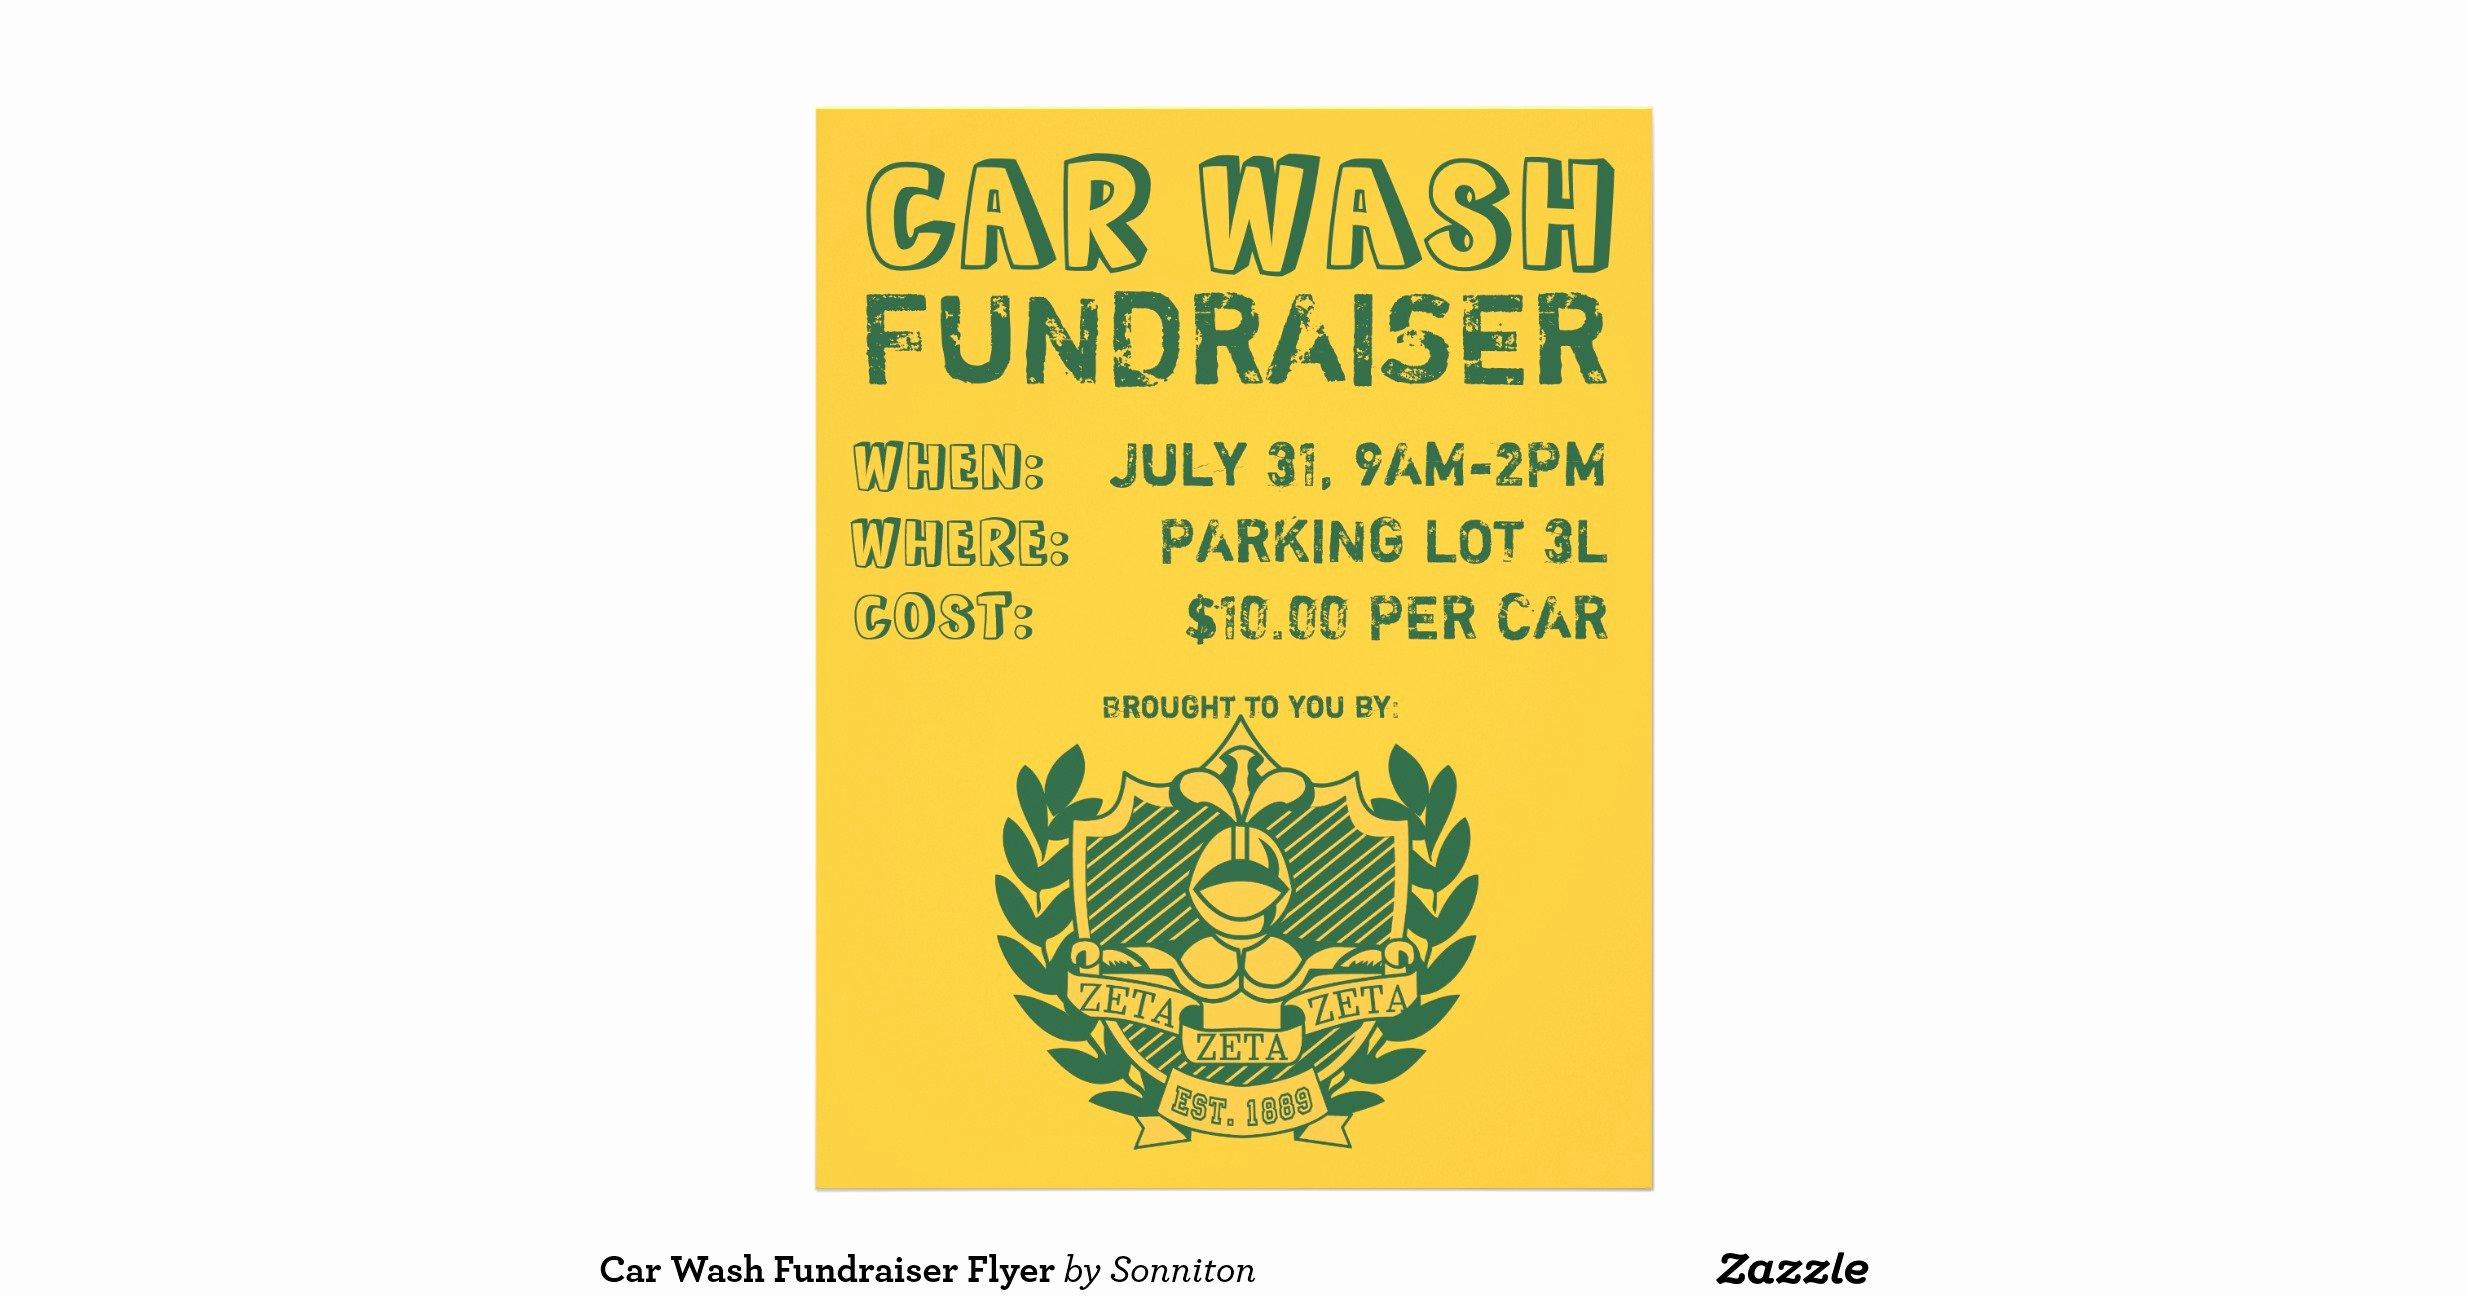 Car Wash Fundraiser Flyers New Car Wash Fundraiser Flyer R Cc4fff04e889e Dd180f67 Vgvyf 8byvr 1200 View Padding=[0